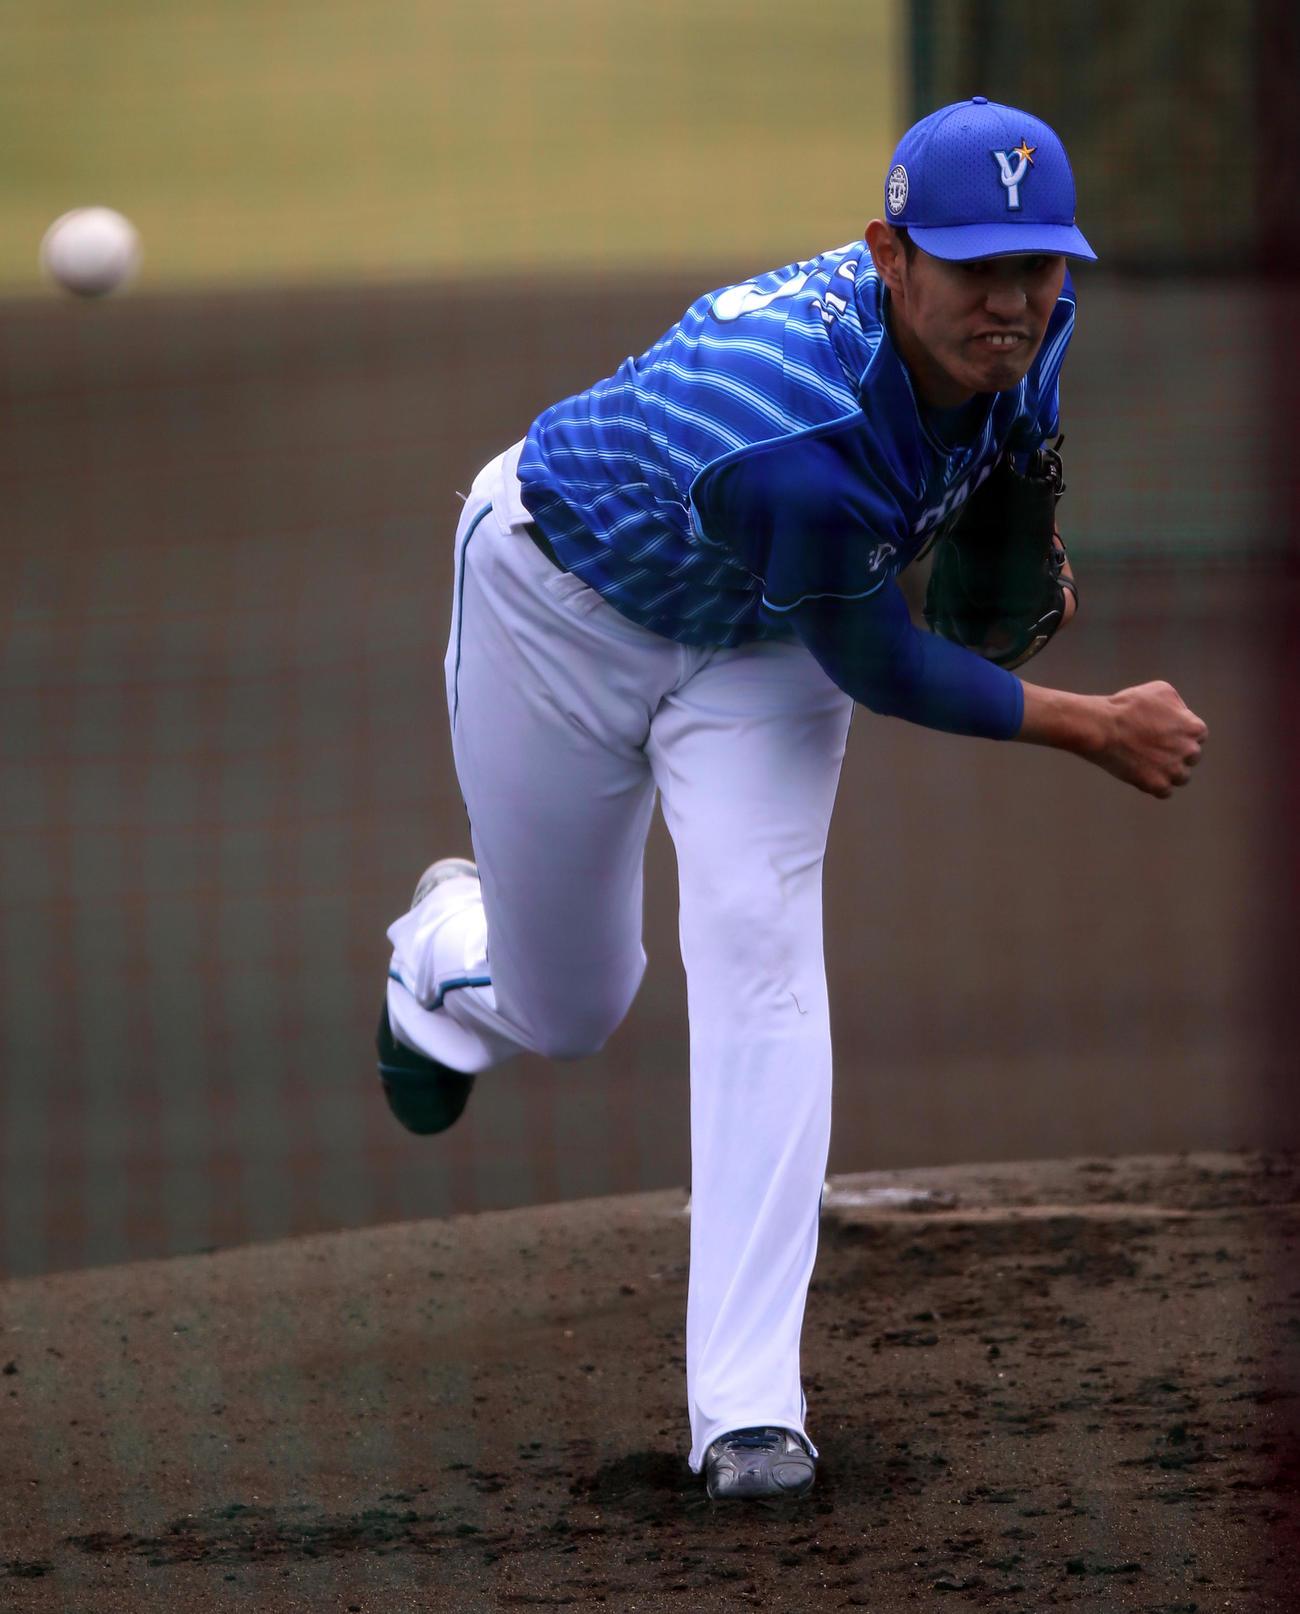 https://www.nikkansports.com/baseball/news/img/202002090000719-w1300_0.jpg